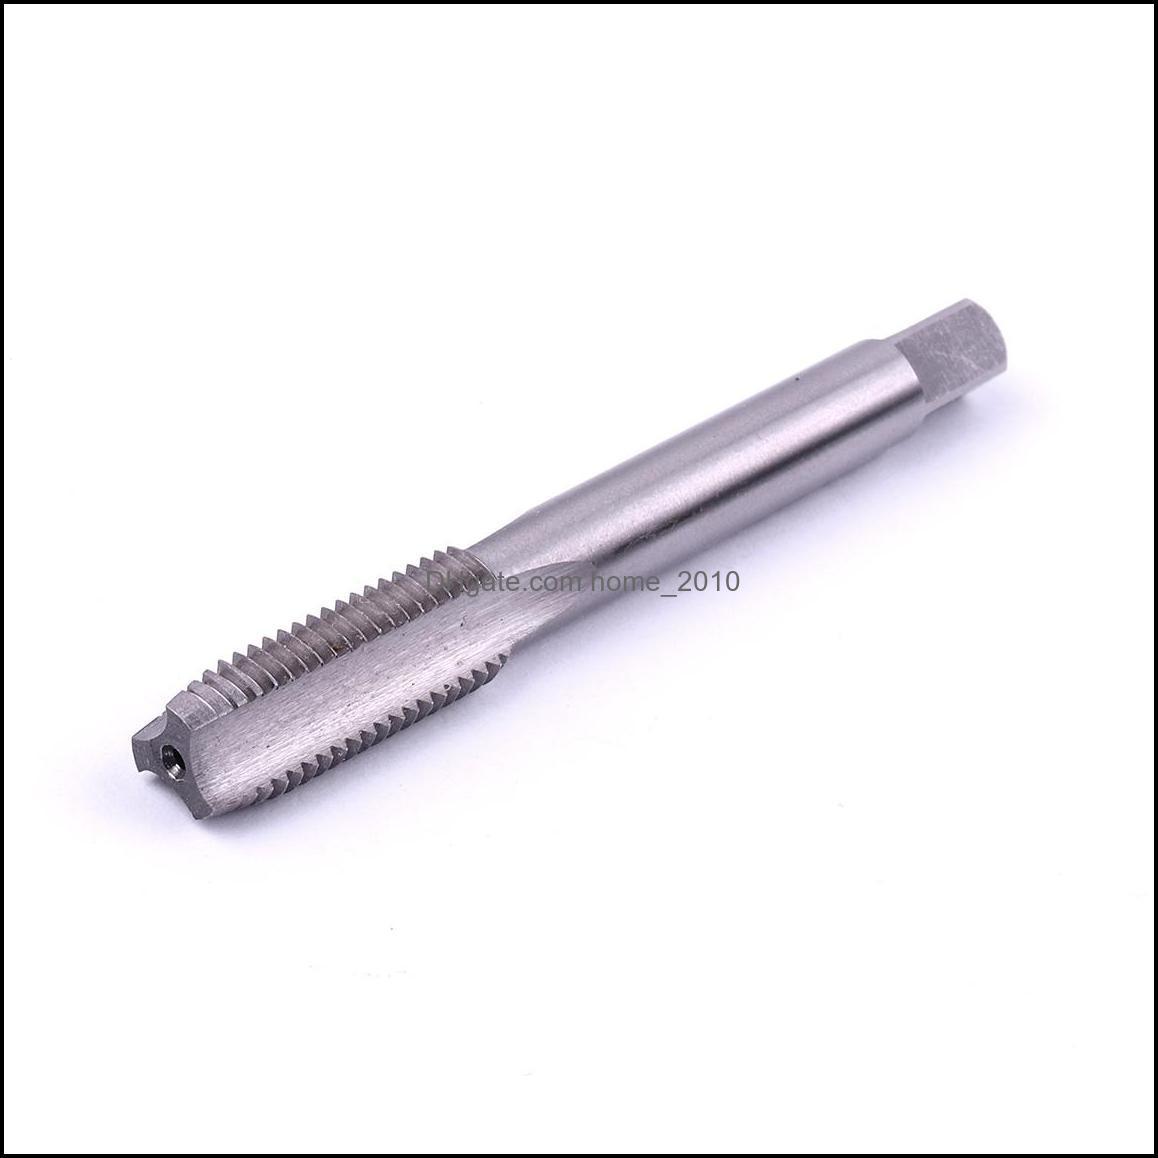 ATOPLEE Metric HSS Thread Tap Right Hand Thread Drill Bits M10 M12 M14 M16 M18 M20